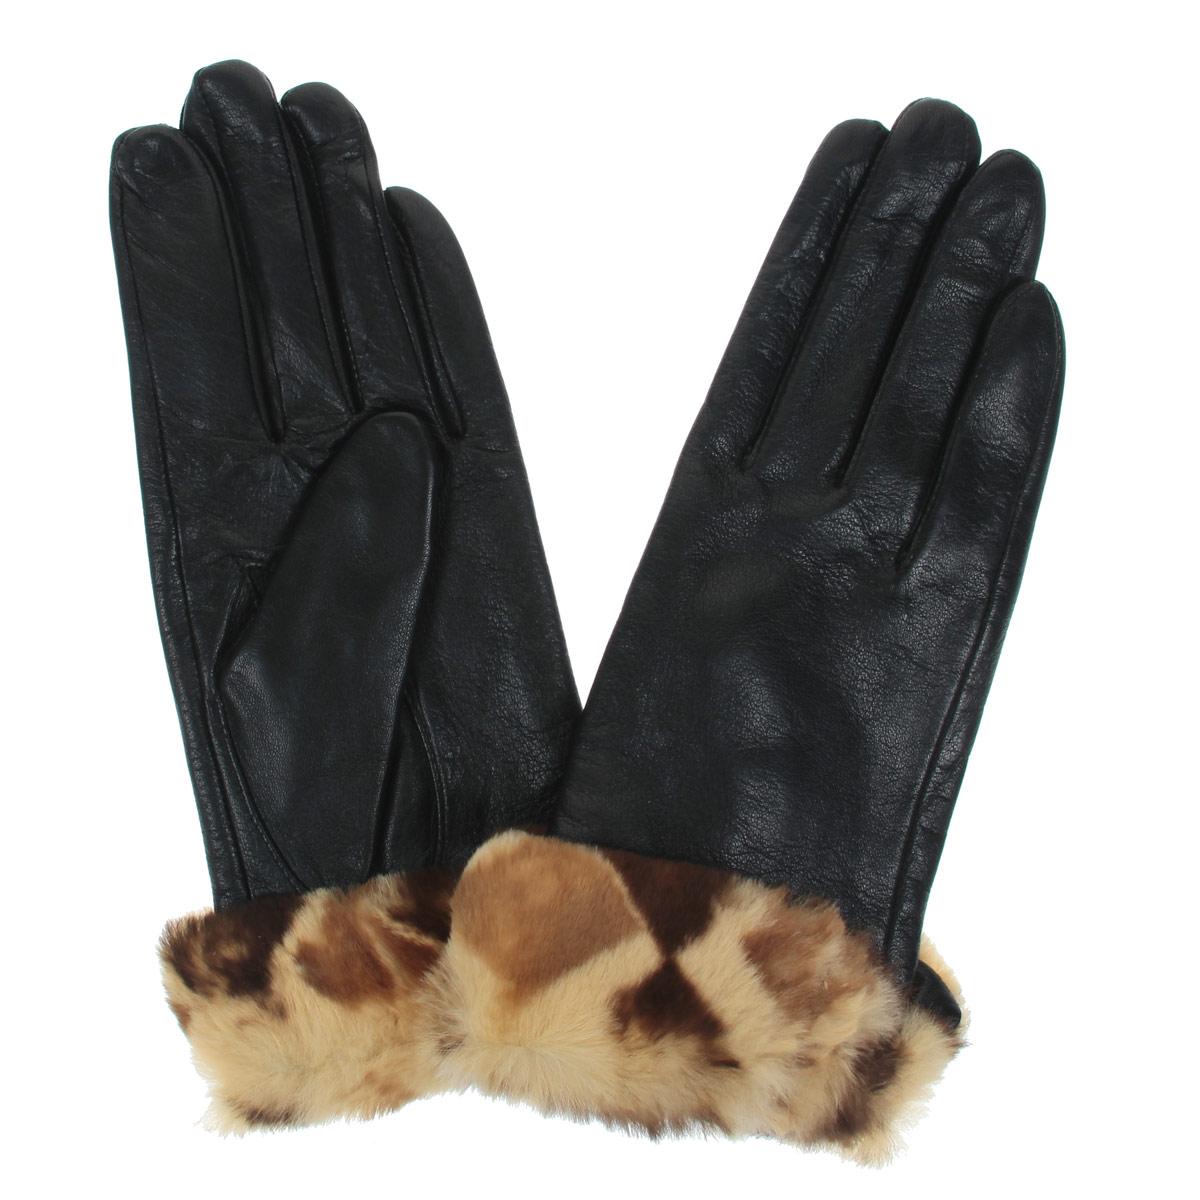 Перчатки женские Falner, цвет: черный, бежевый. L-20. Размер 6,5L-20Стильные женские перчатки Falner заинтригуют любого мужчину и заставят завидовать любую женщину. Они не только защитят ваши руки от холода, но и станут великолепным украшением. Модель изготовлена из мягкой натуральной кожи с флисовой подкладкой. Изделие оформлено отворотом, декорированным мехом кролика. На внешнем боку имеется небольшой разрез. Перчатки являются неотъемлемой принадлежностью одежды, вместе с этим аксессуаром вы обретаете женственность и элегантность. Они станут завершающим и подчеркивающим элементом вашего неповторимого стиля и индивидуальности.